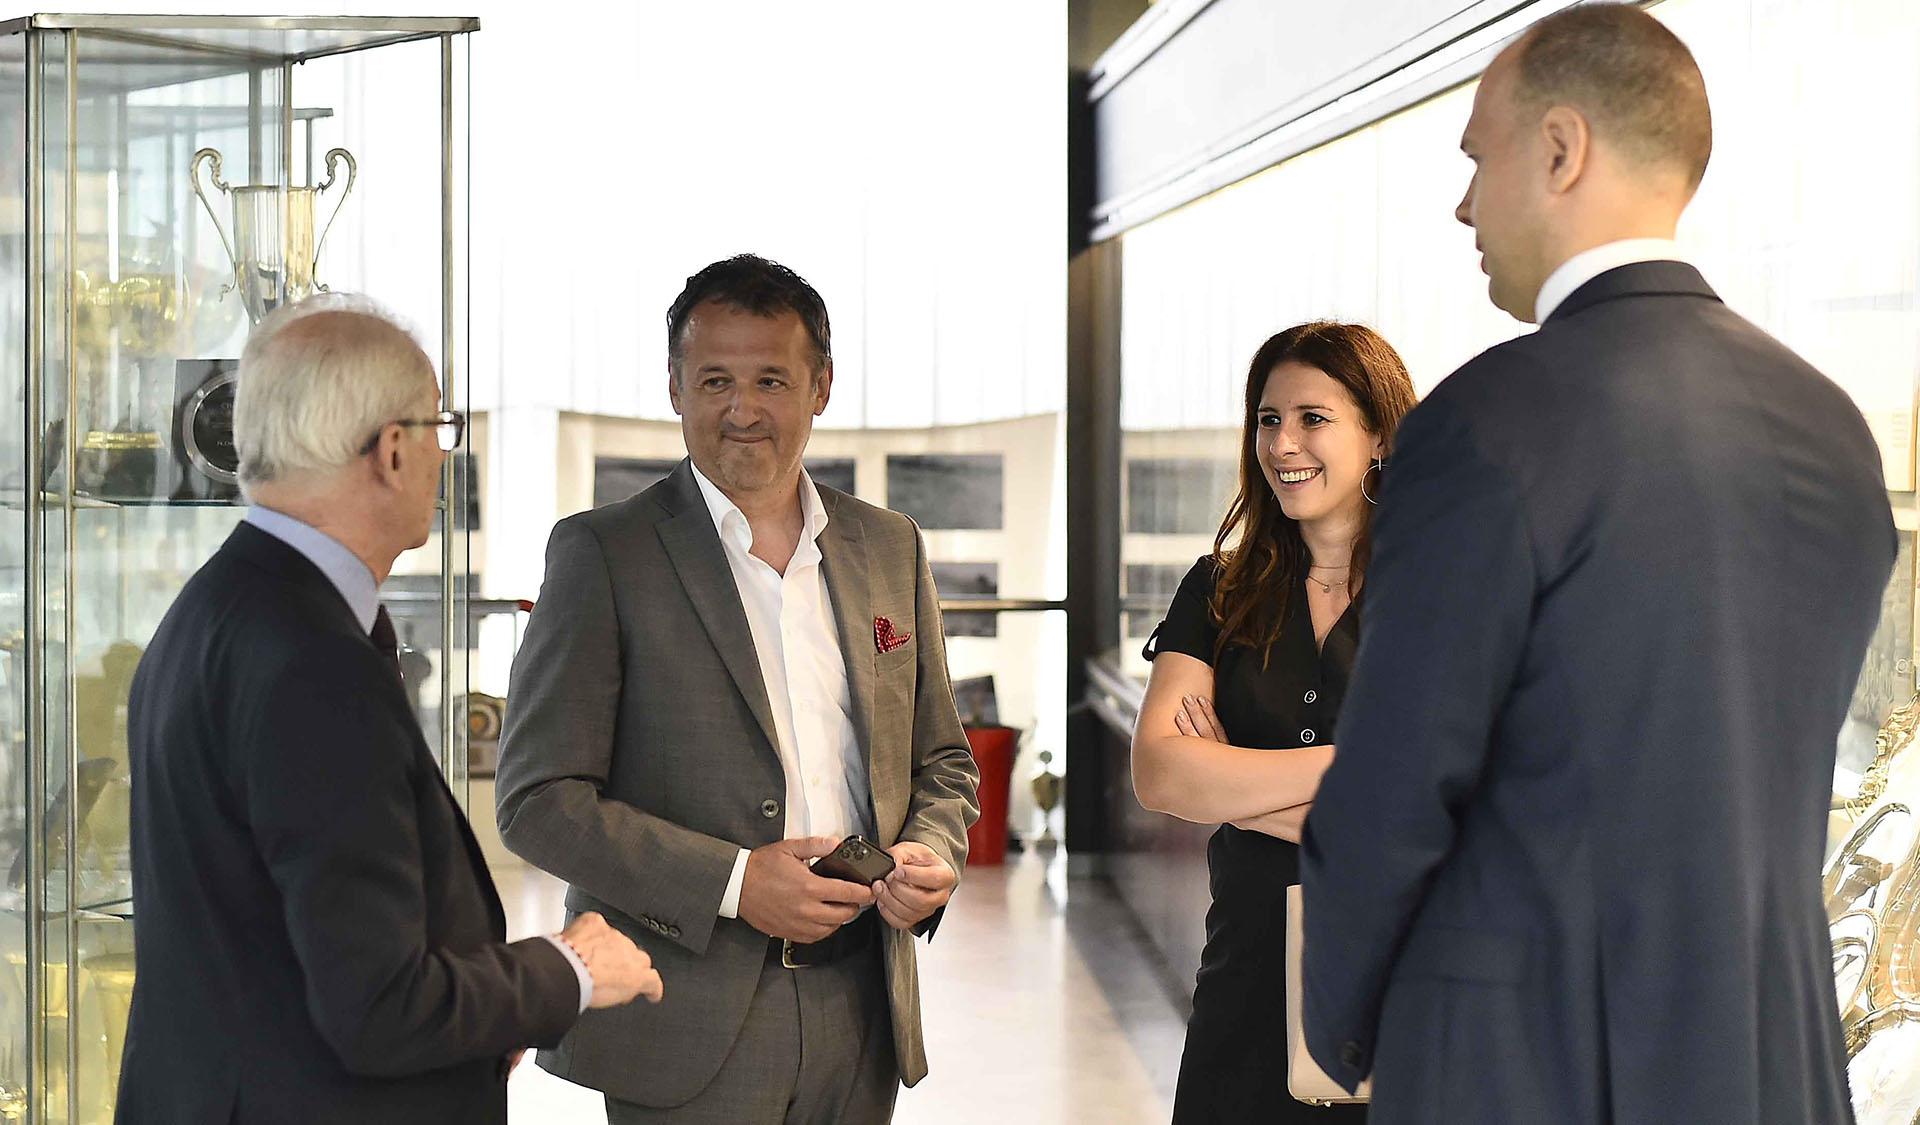 Slobodan Prodanović i Aleksandra Lazarov iz Mozzarta u razgovoru sa Svetozarom Mijailovićem i Markom Petrovićem